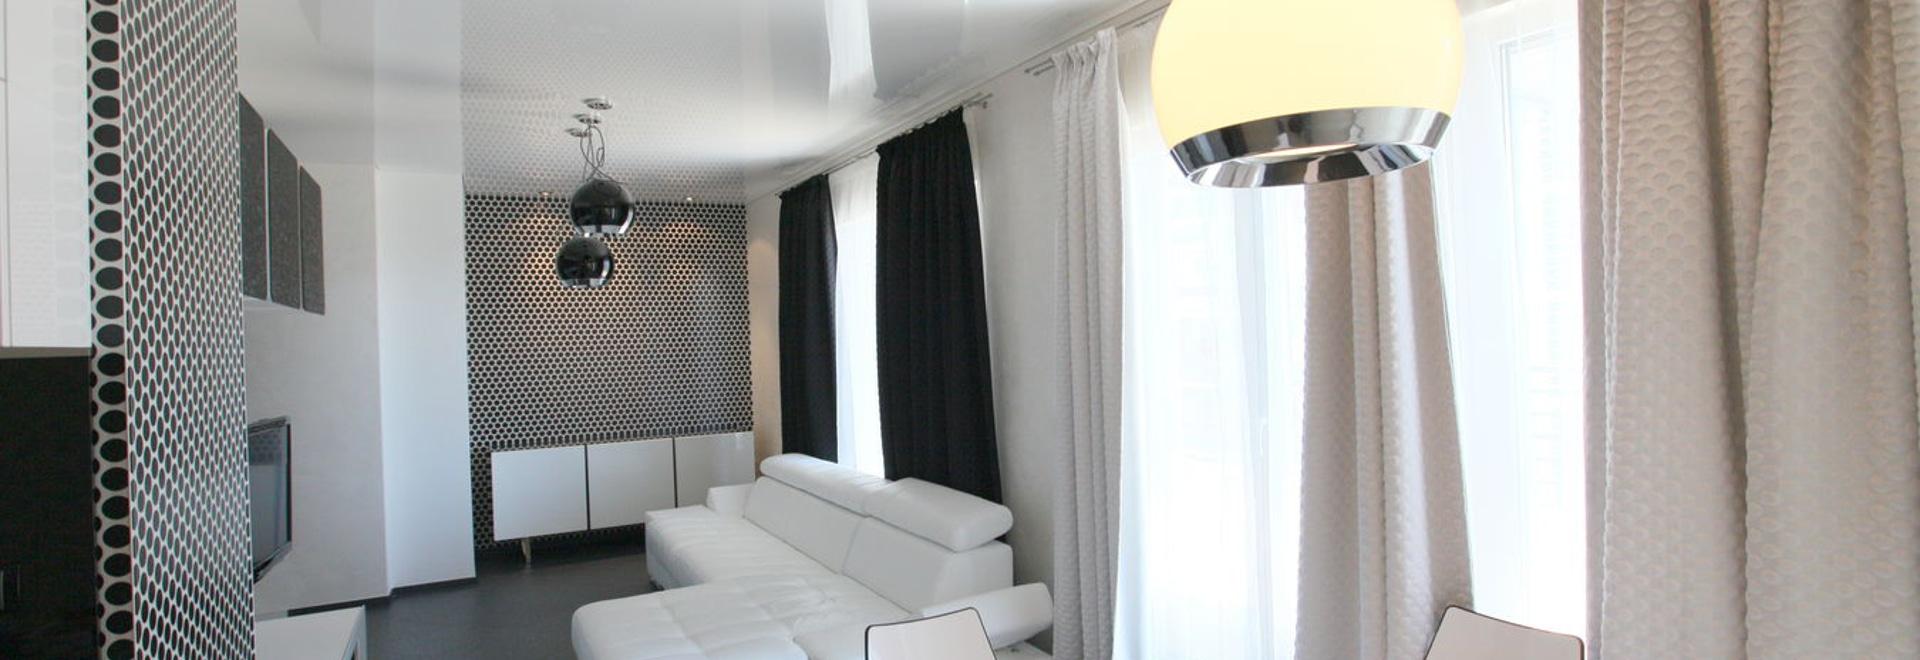 Nouveauté Plafond Tendu Décoratif By Swal Swal